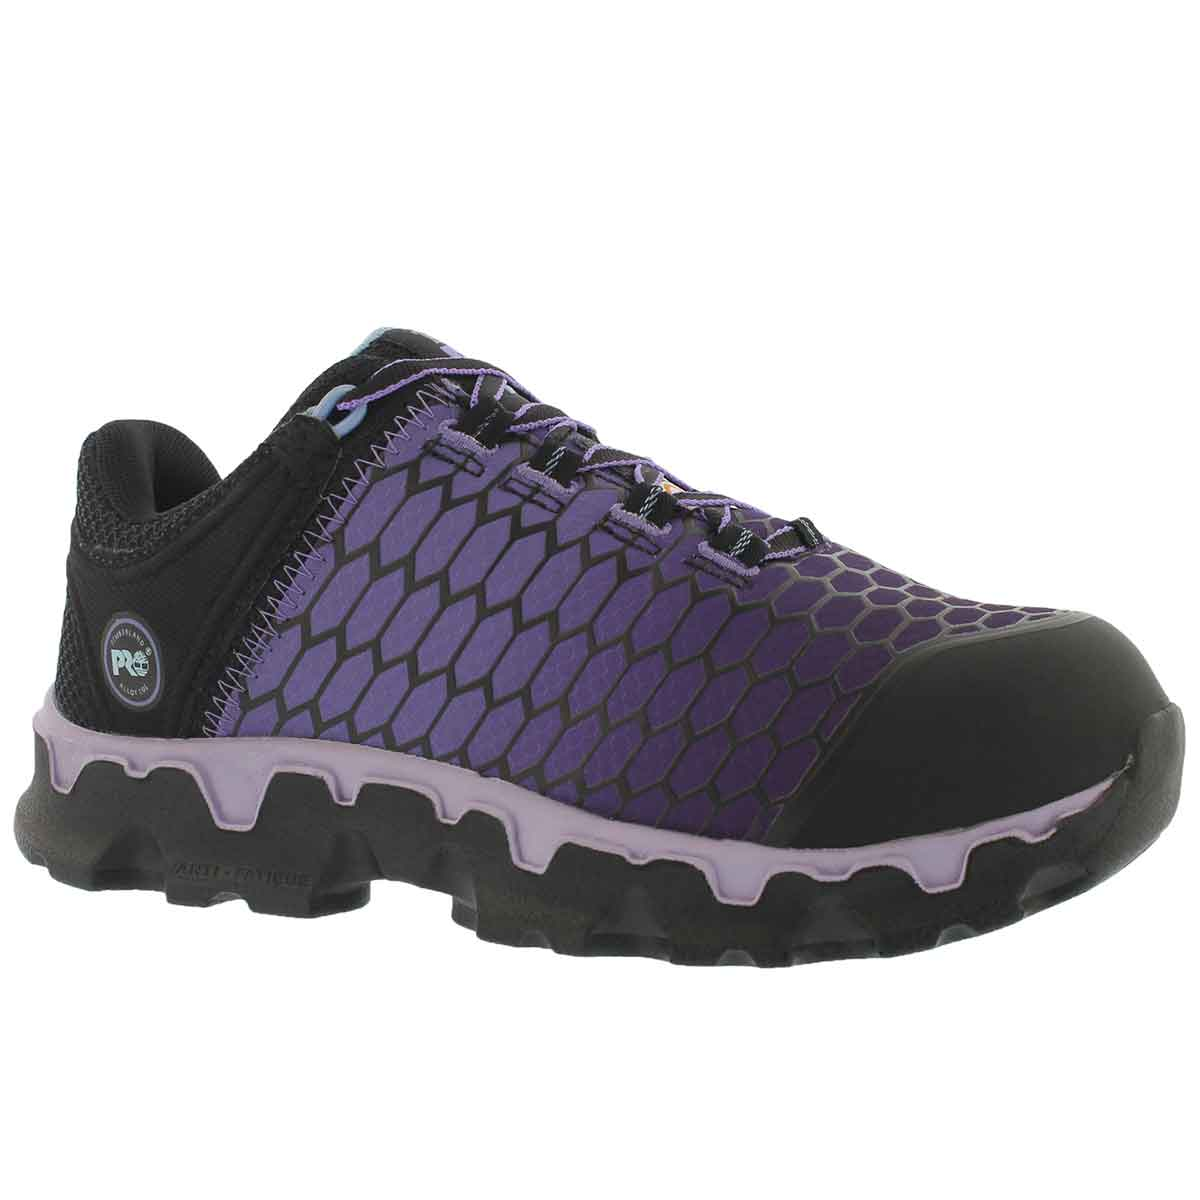 Women's POWERTRAIN SPORT purple CSA sneakers